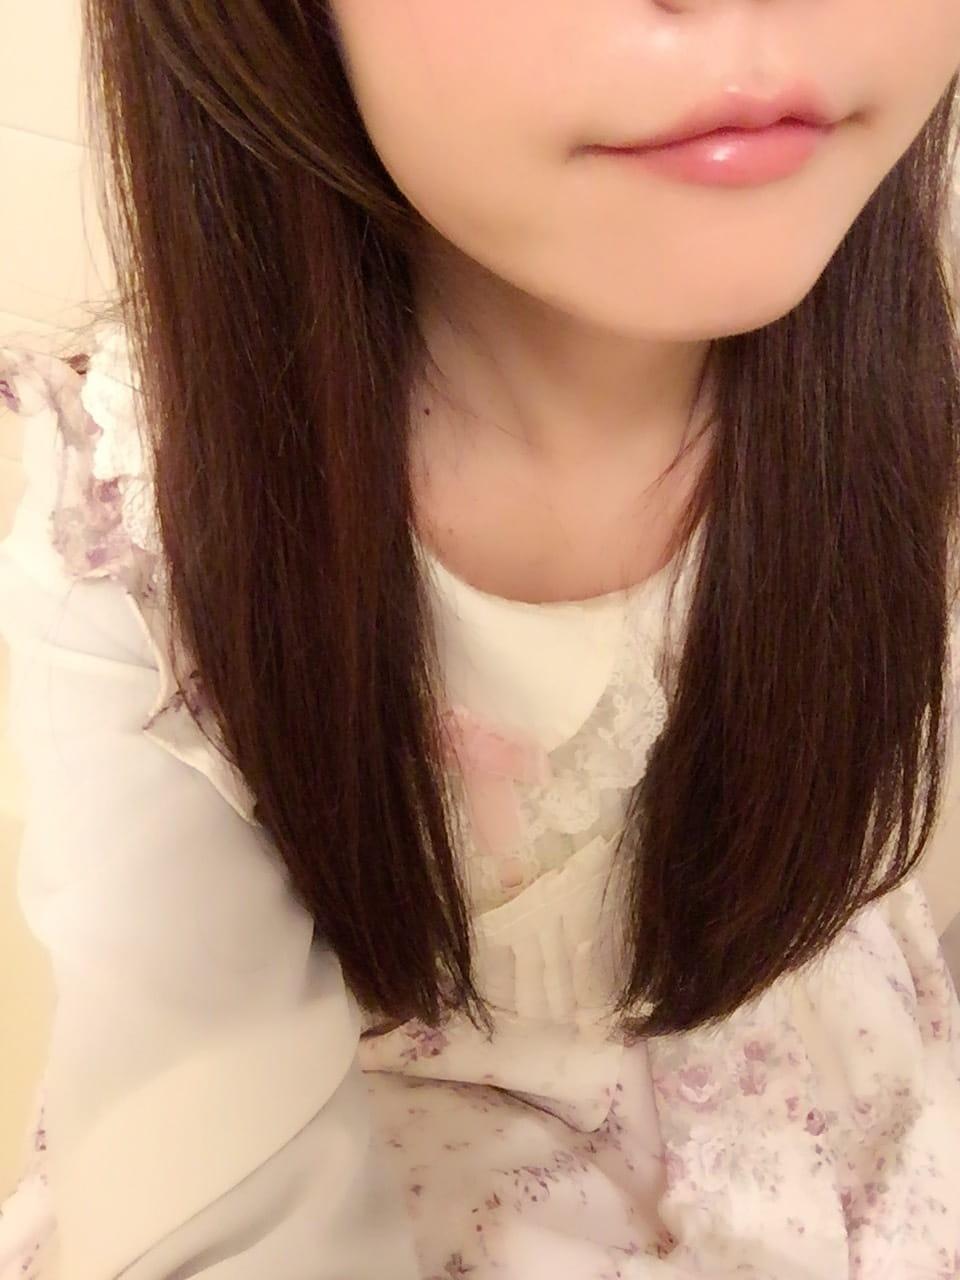 桜木ももえ「郵便のあなた」02/19(月) 13:41 | 桜木ももえの写メ・風俗動画